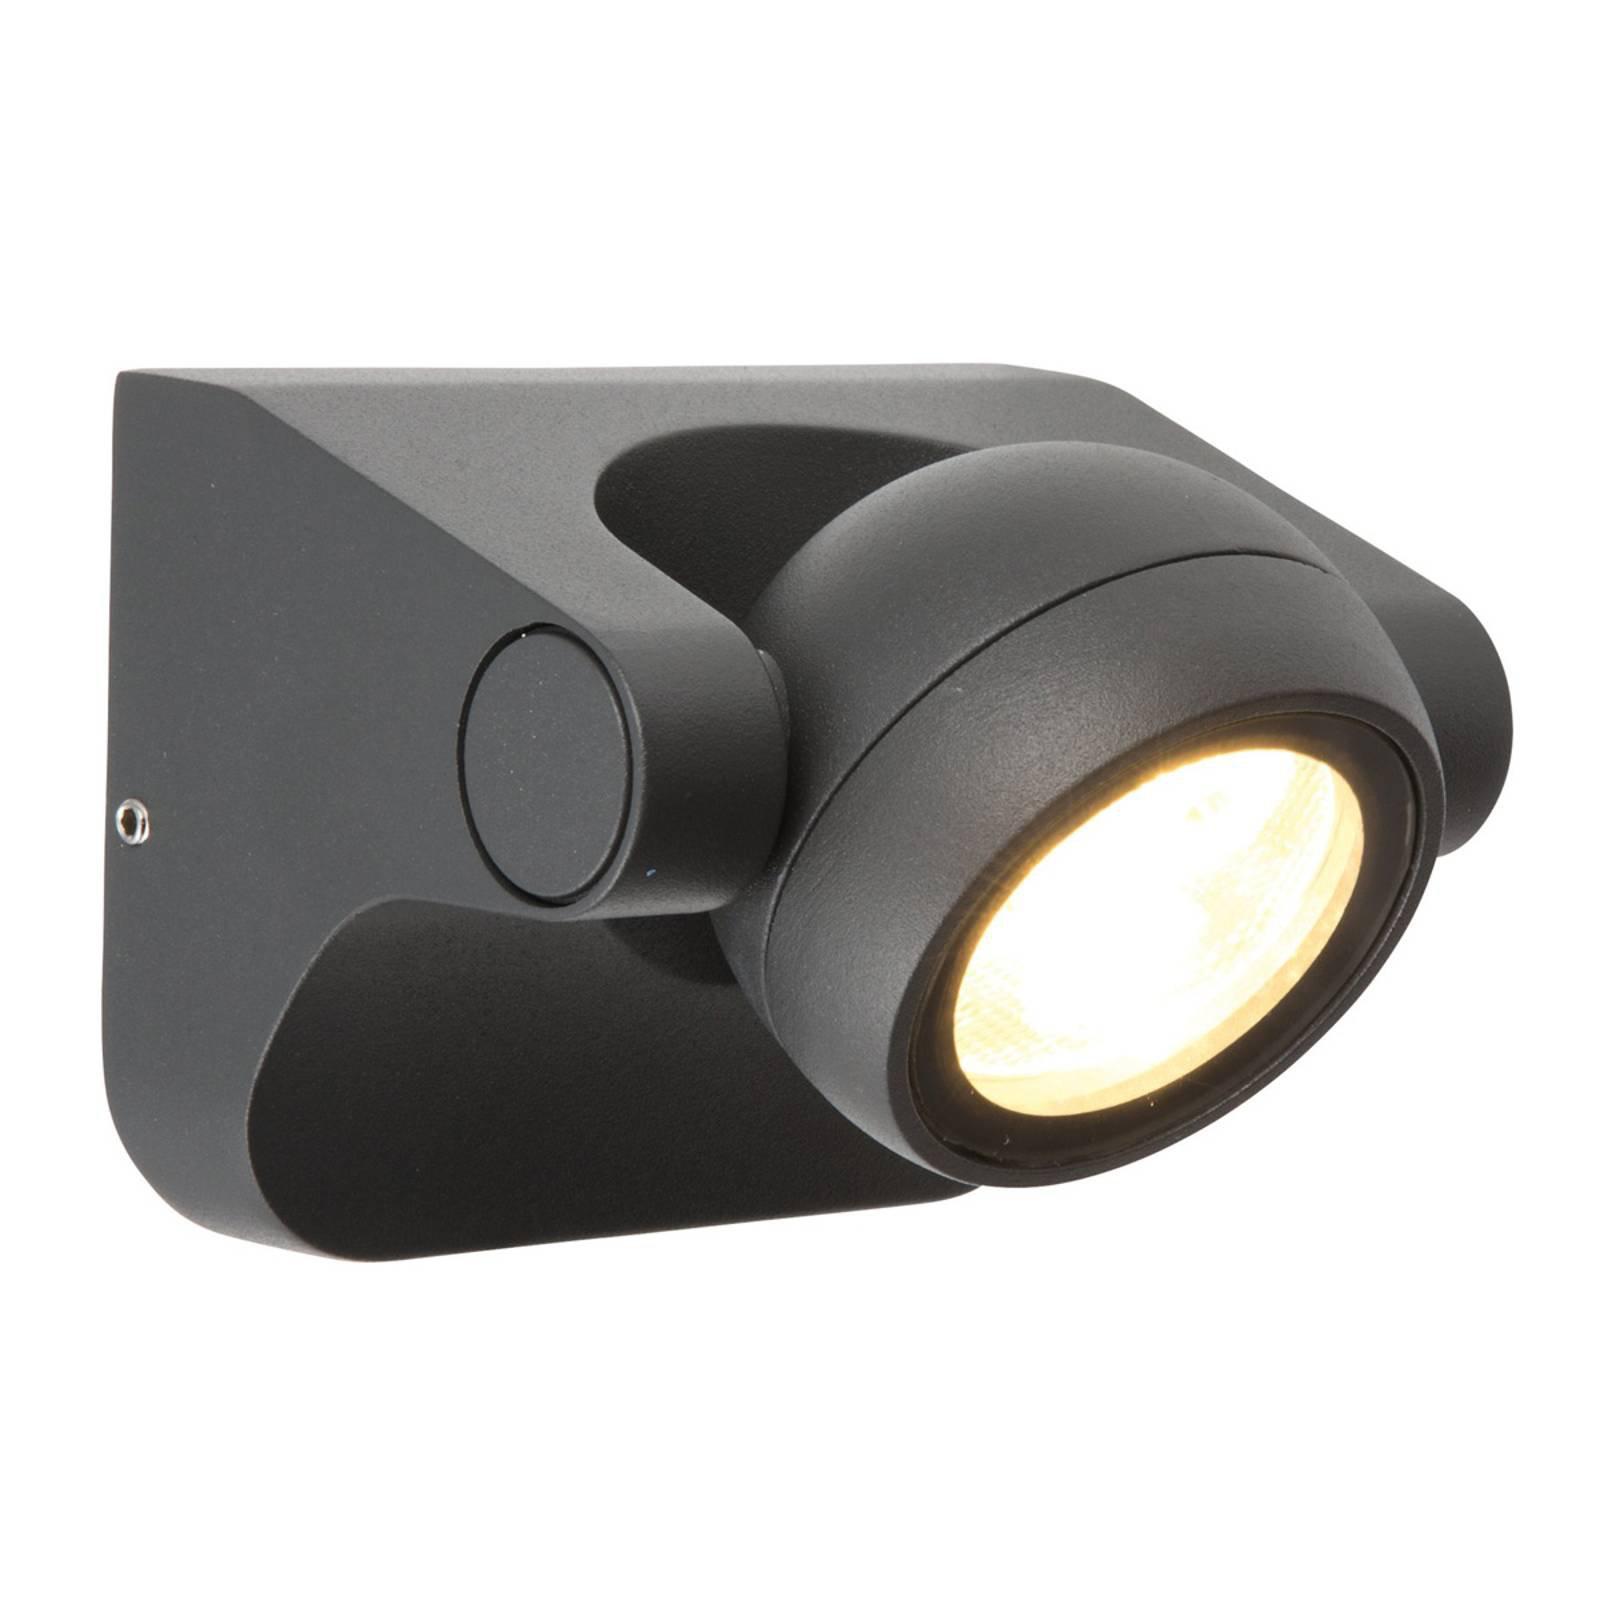 Justerbar LED-vegglampe Larry for utendørsbruk